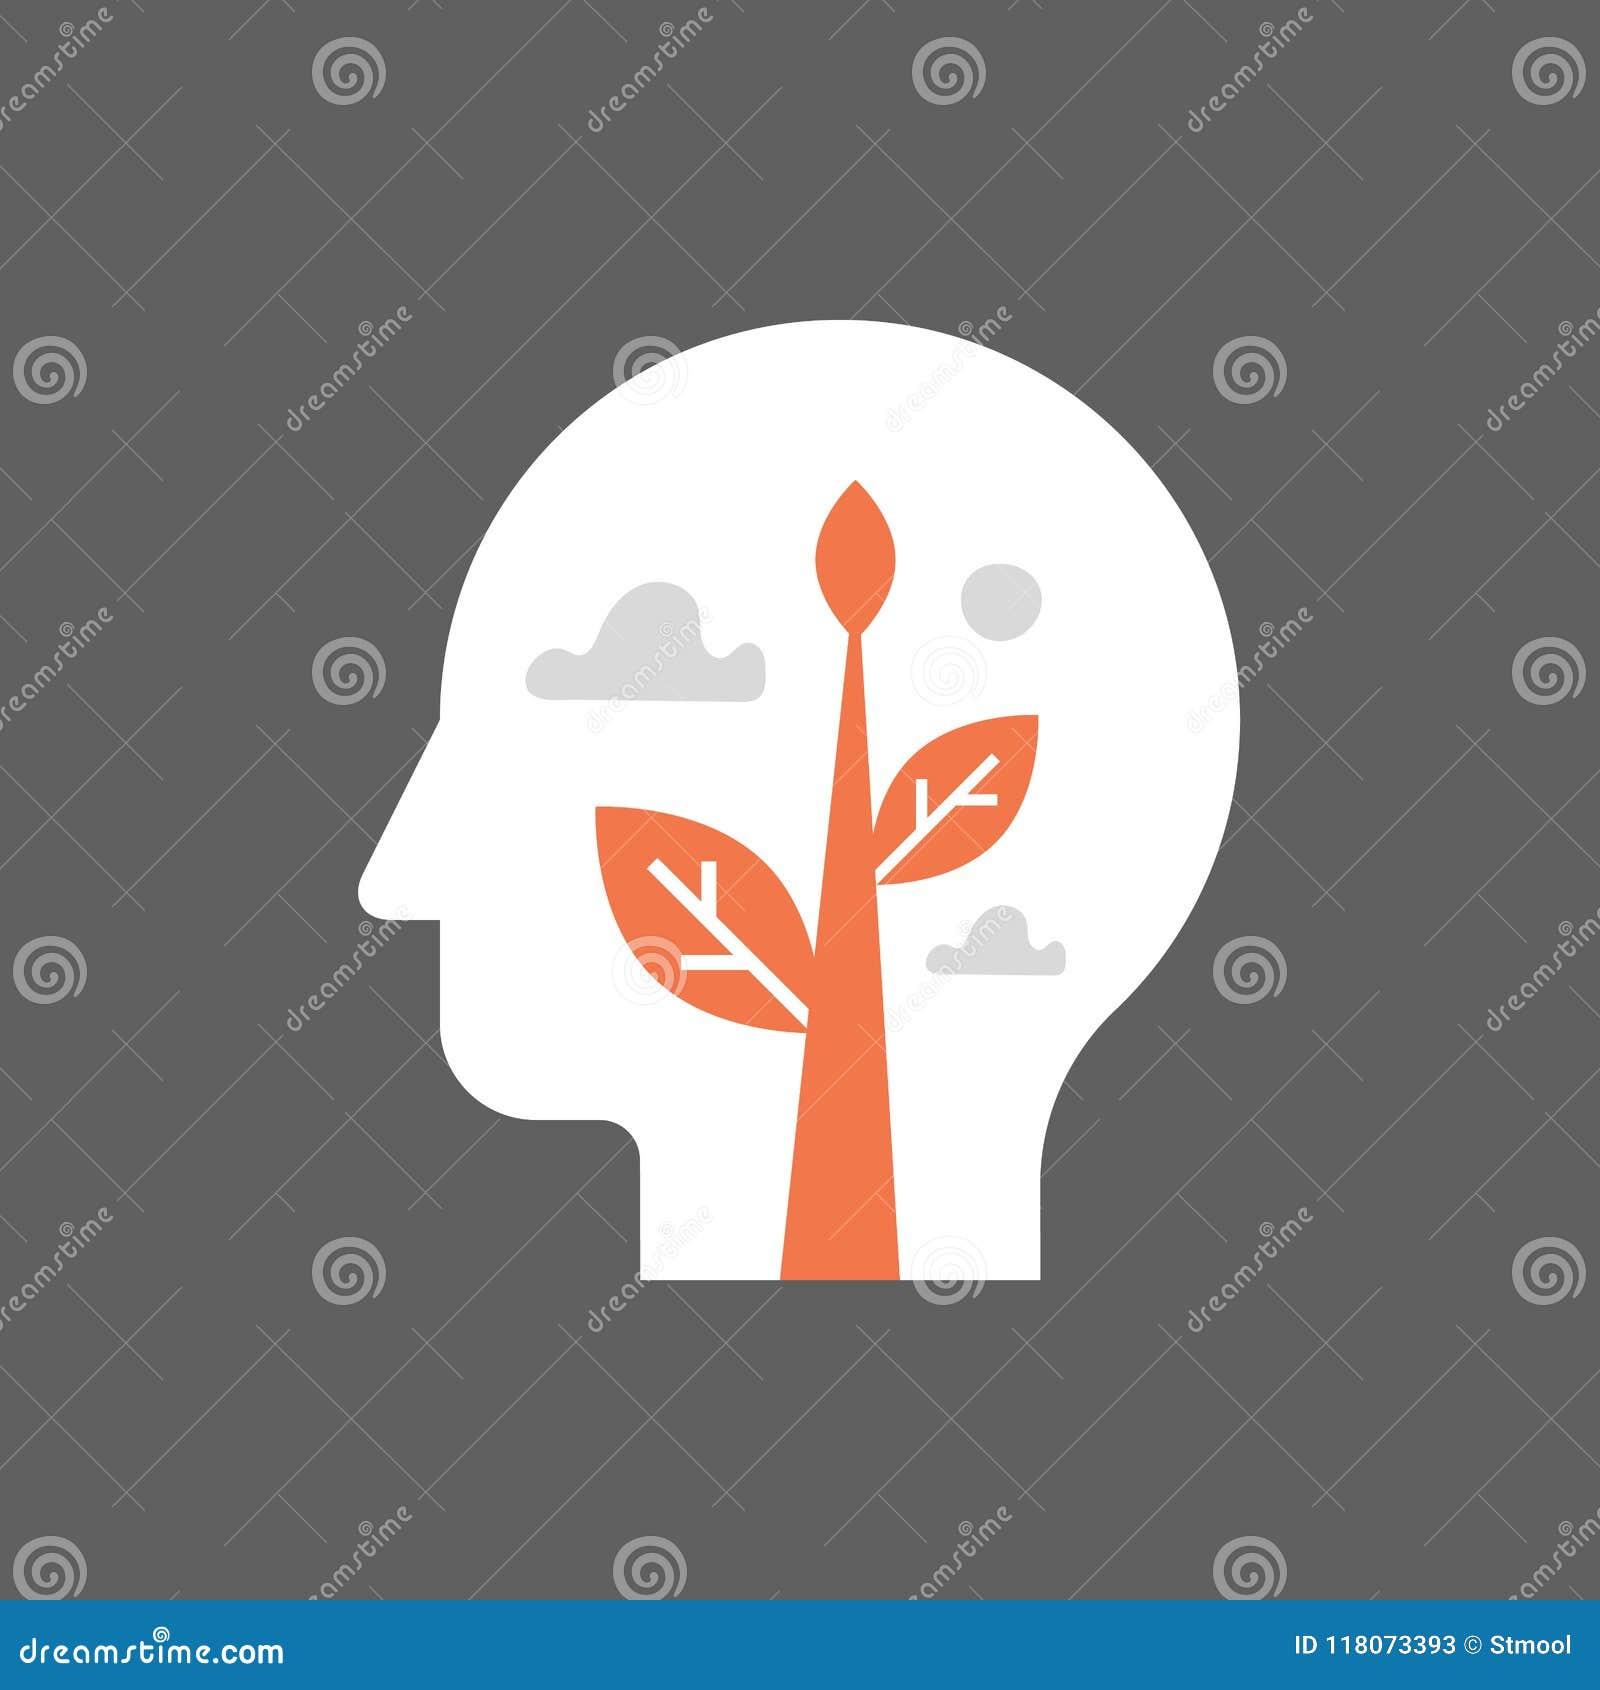 Parte interna, crescimento do auto, desenvolvimento potencial, saúde mental, mindset positivo, estilo de vida consciente, prática